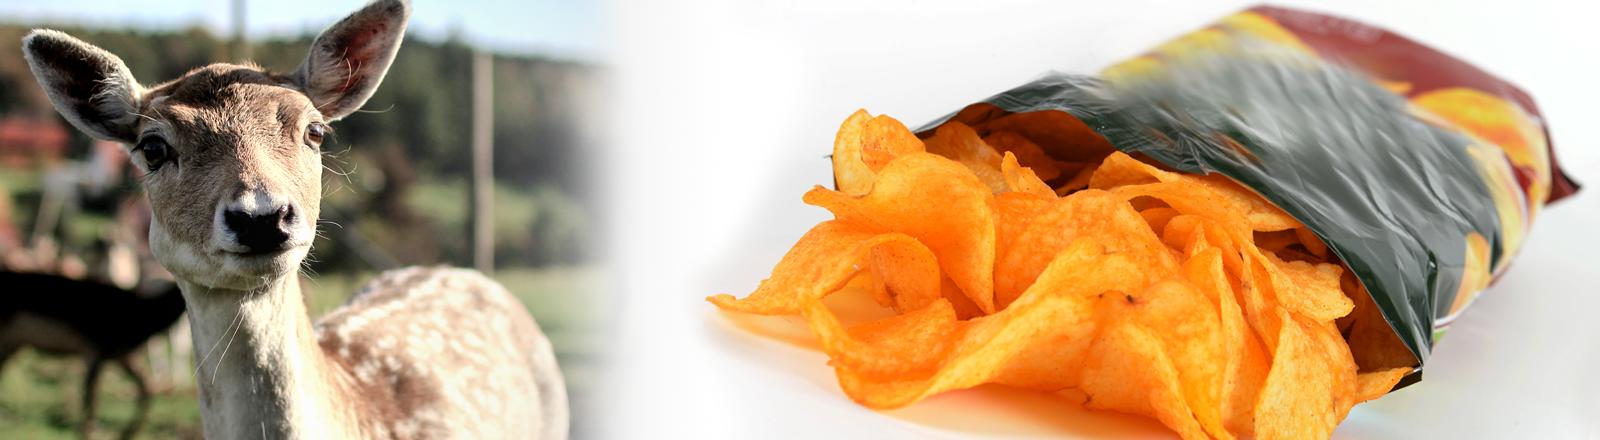 Reh und Chips